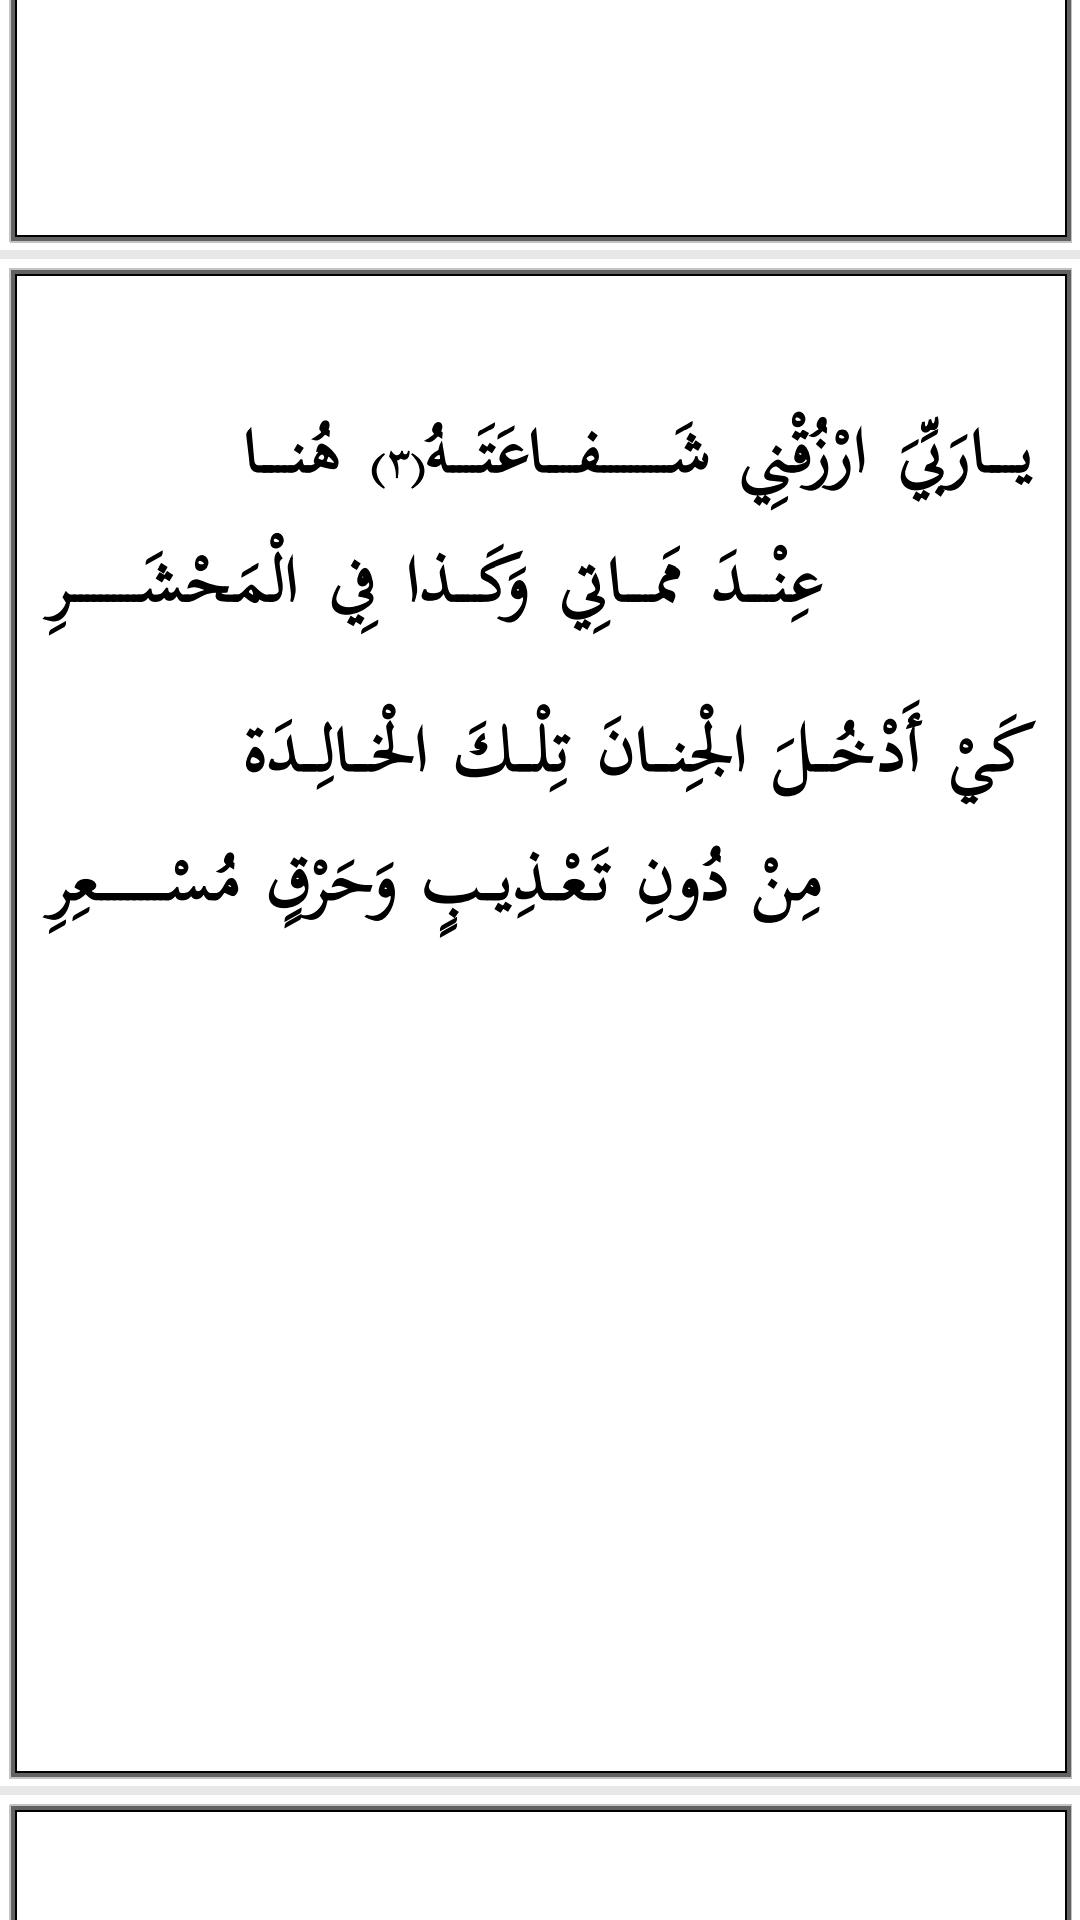 Screenshot_٢٠١٩-٠٣-١١-٠١-١٧-٥٢-٢٥١_cn.wps.moffice_eng